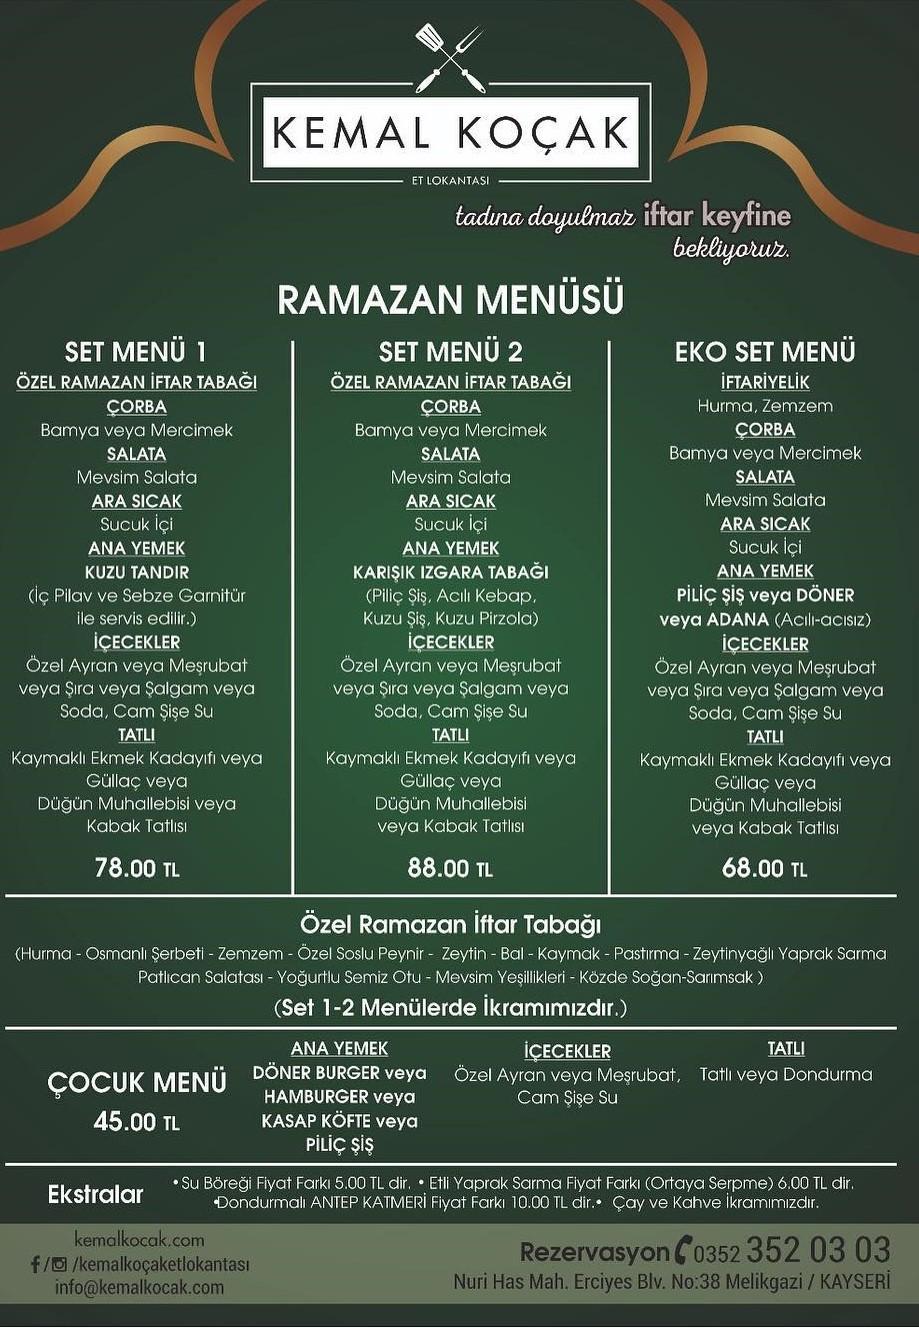 kemal koçak et lokantası kayseri ramazan 2018 iftar